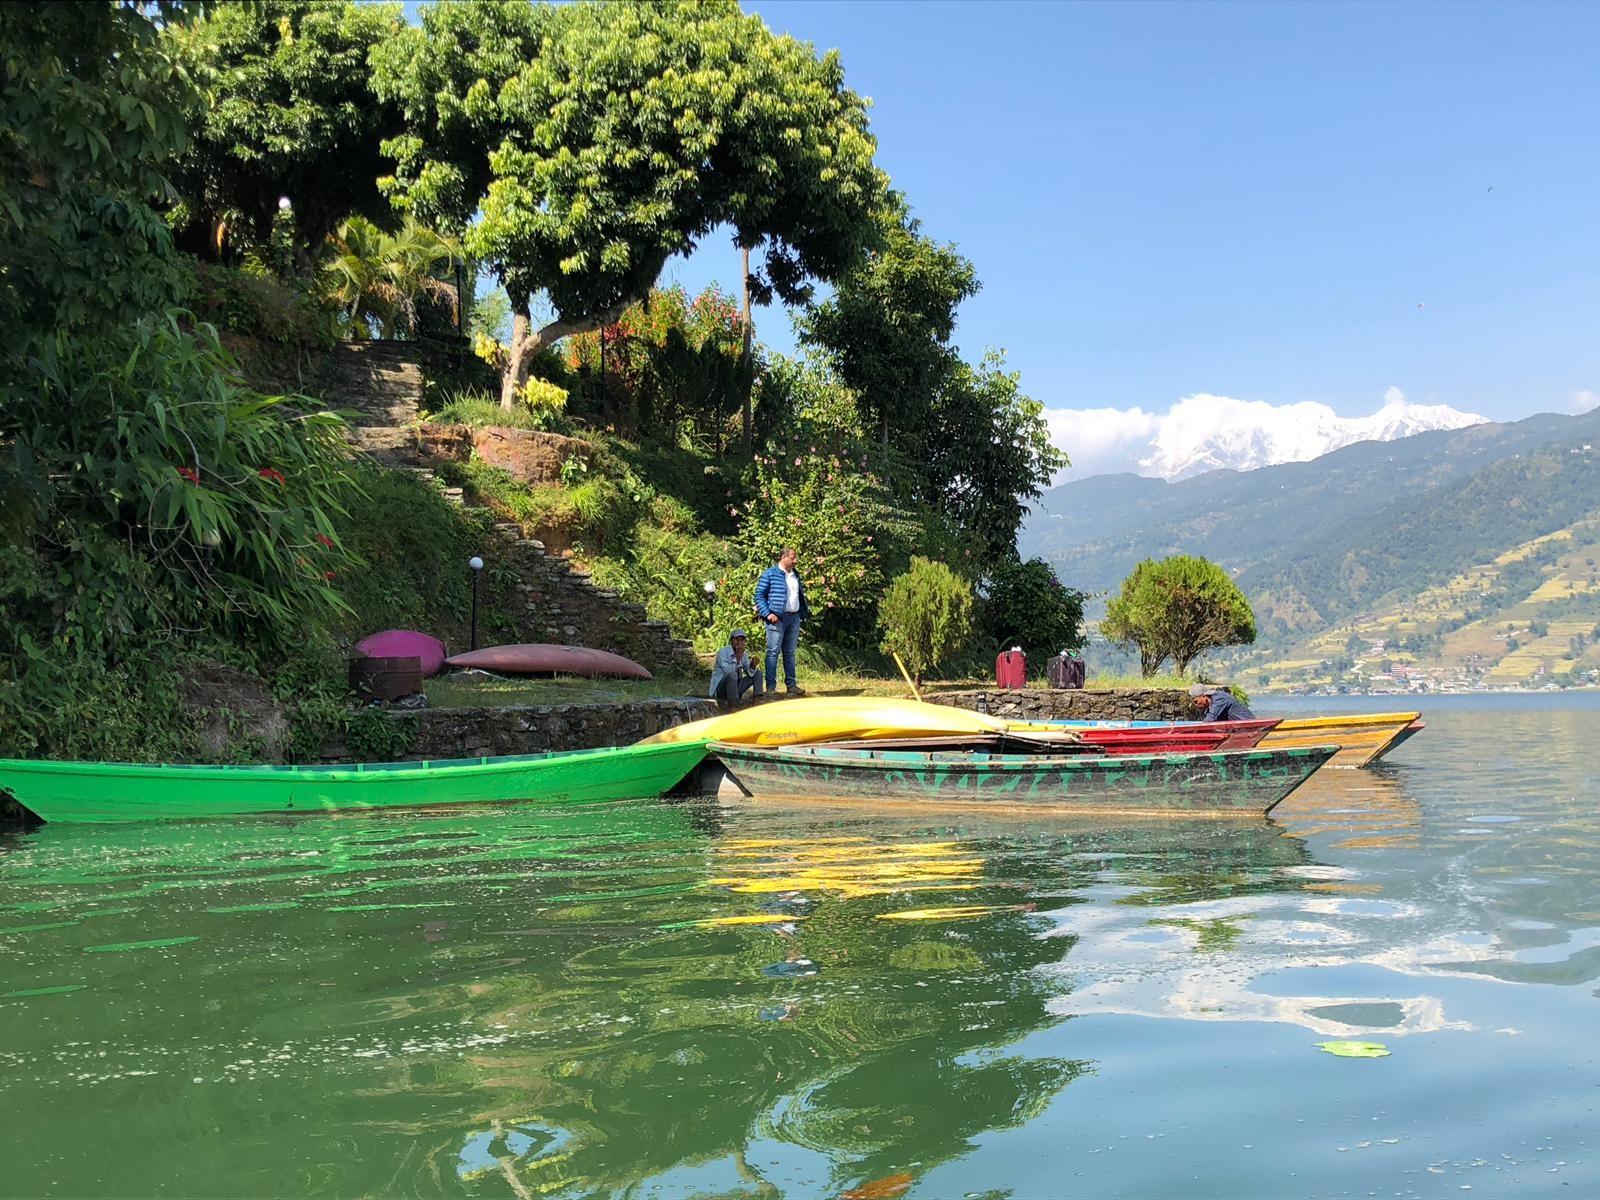 viaggio-in-nepal-35d382d26673e762baeb28f